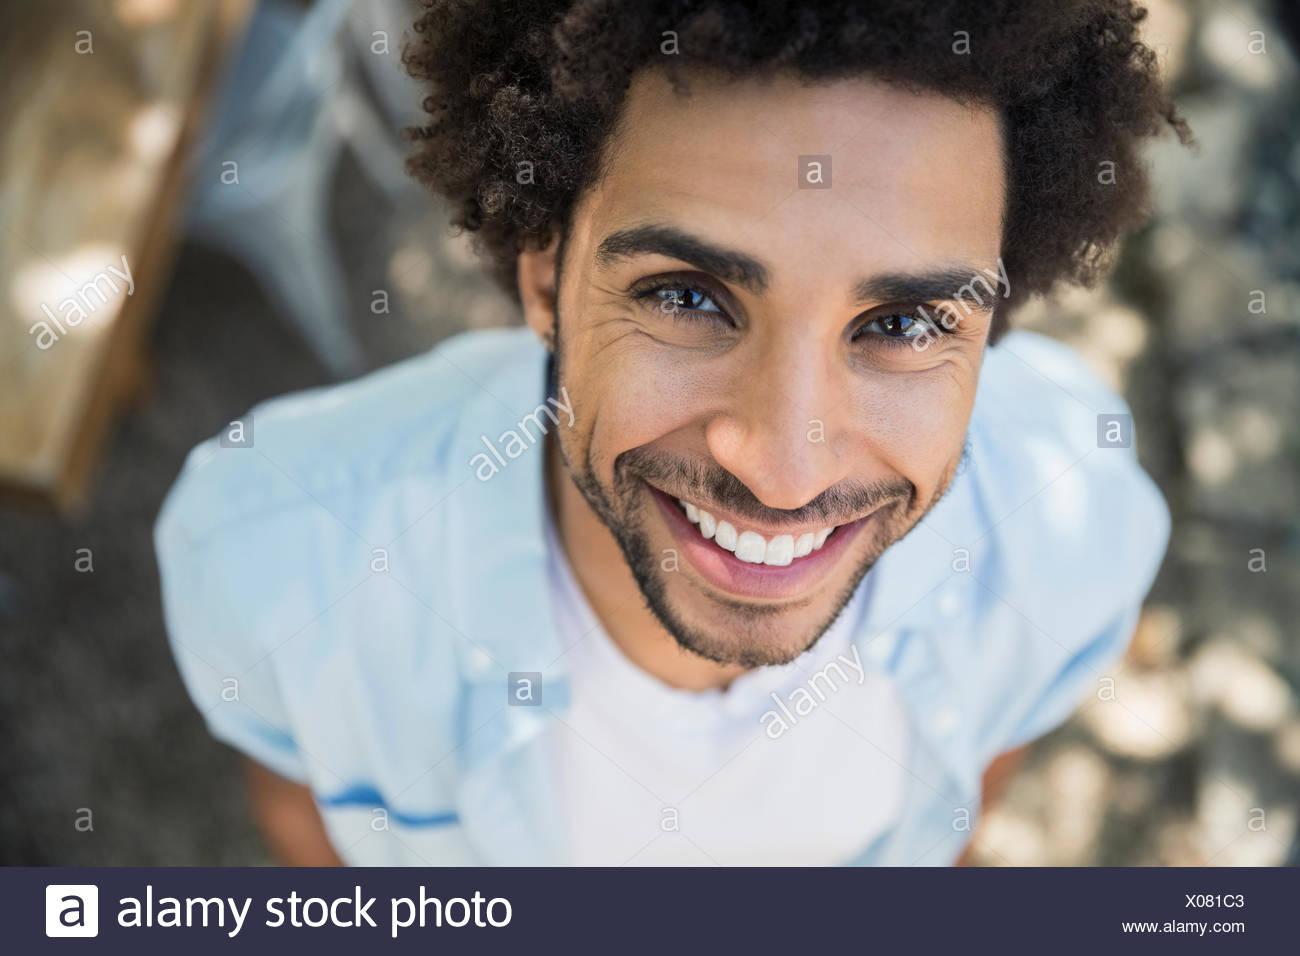 Alto ángulo vertical hombre sonriente el cabello rizado Imagen De Stock